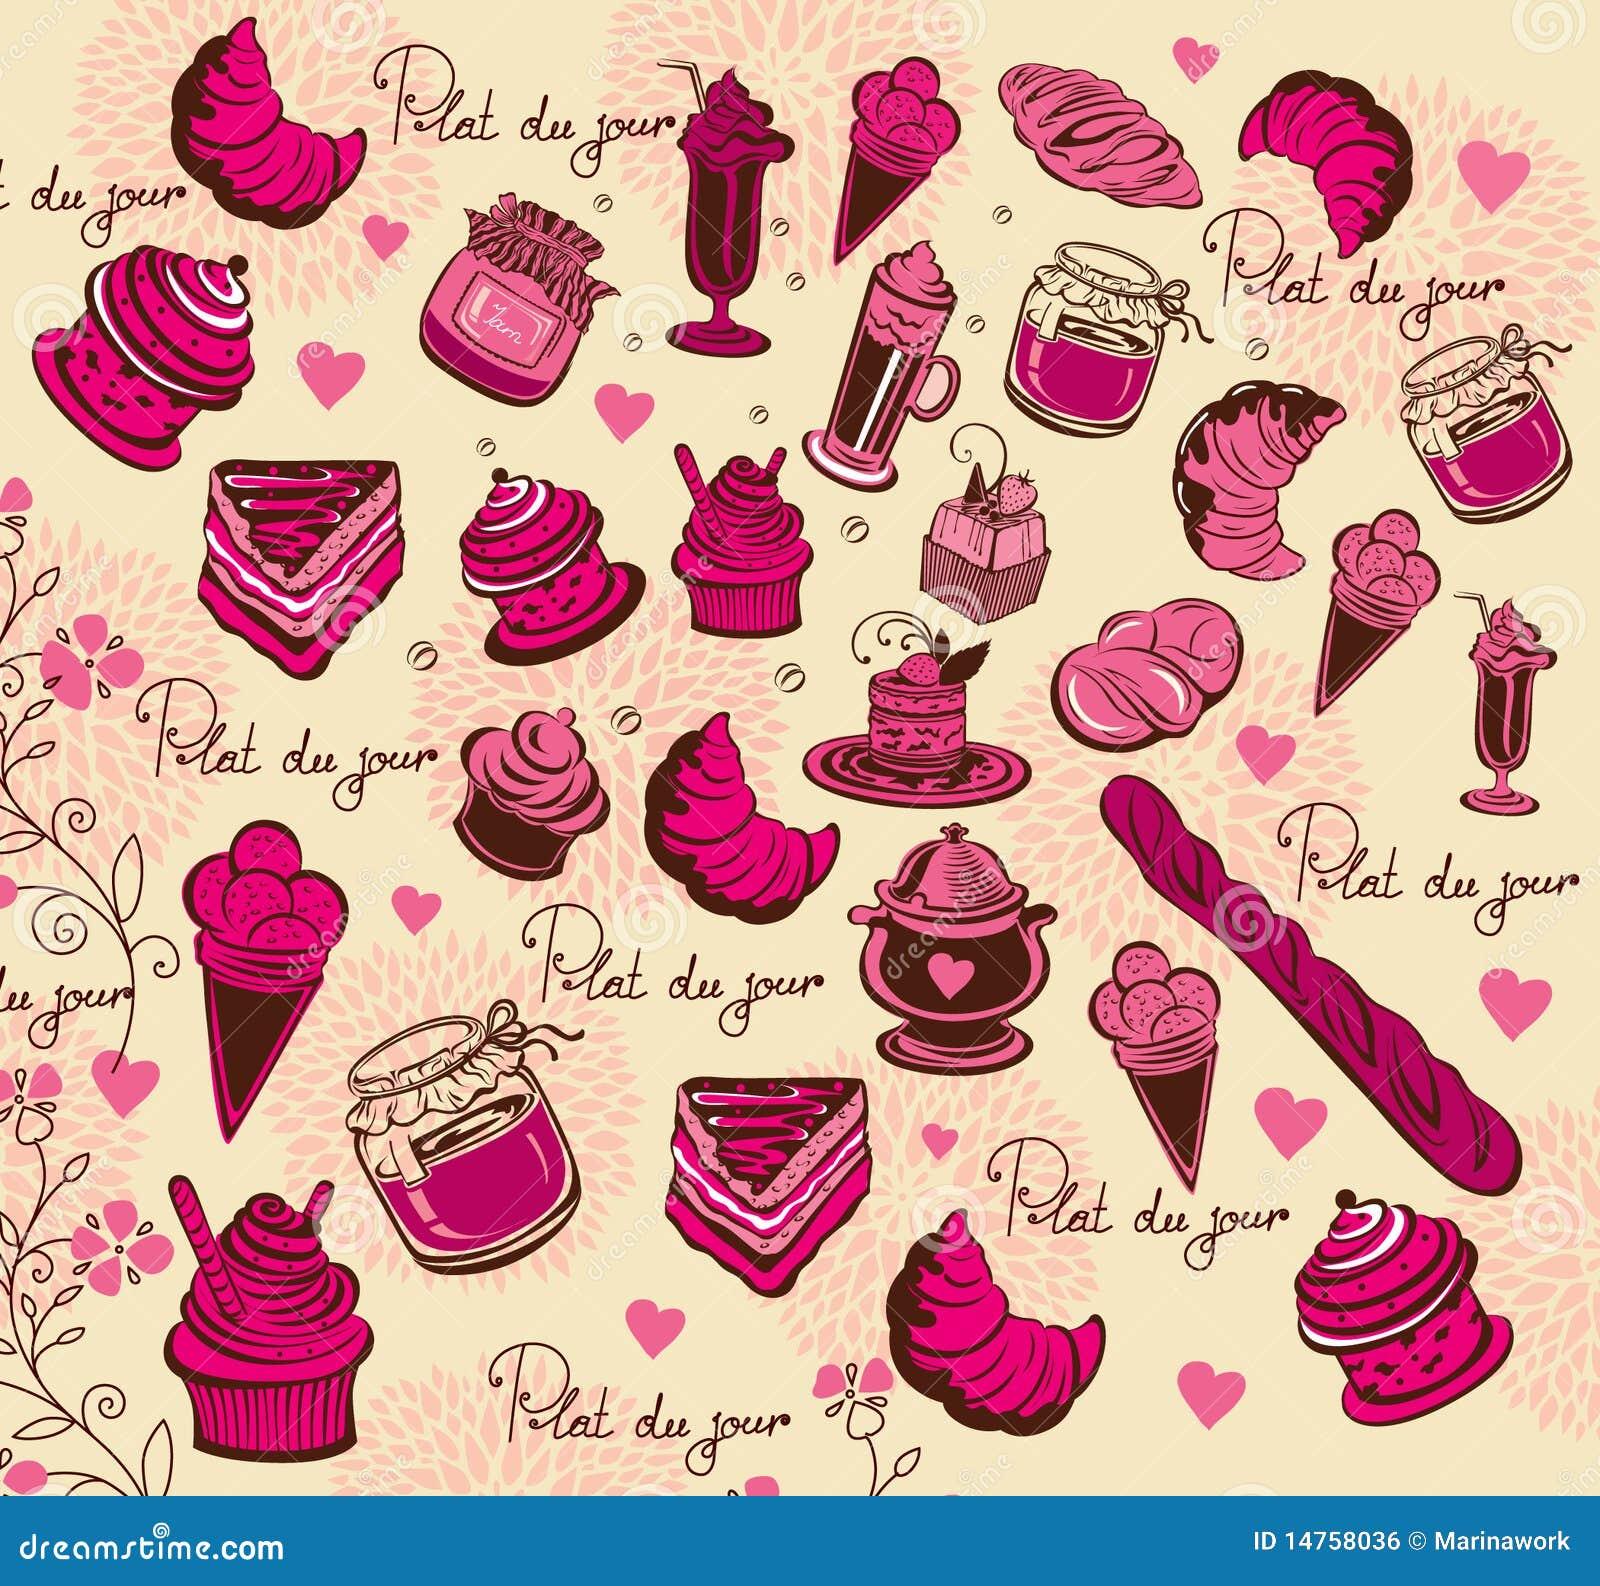 Culinair patroon de tekening van de hand royalty vrije stock afbeelding afbeelding 14758036 - Parijs zoet ...